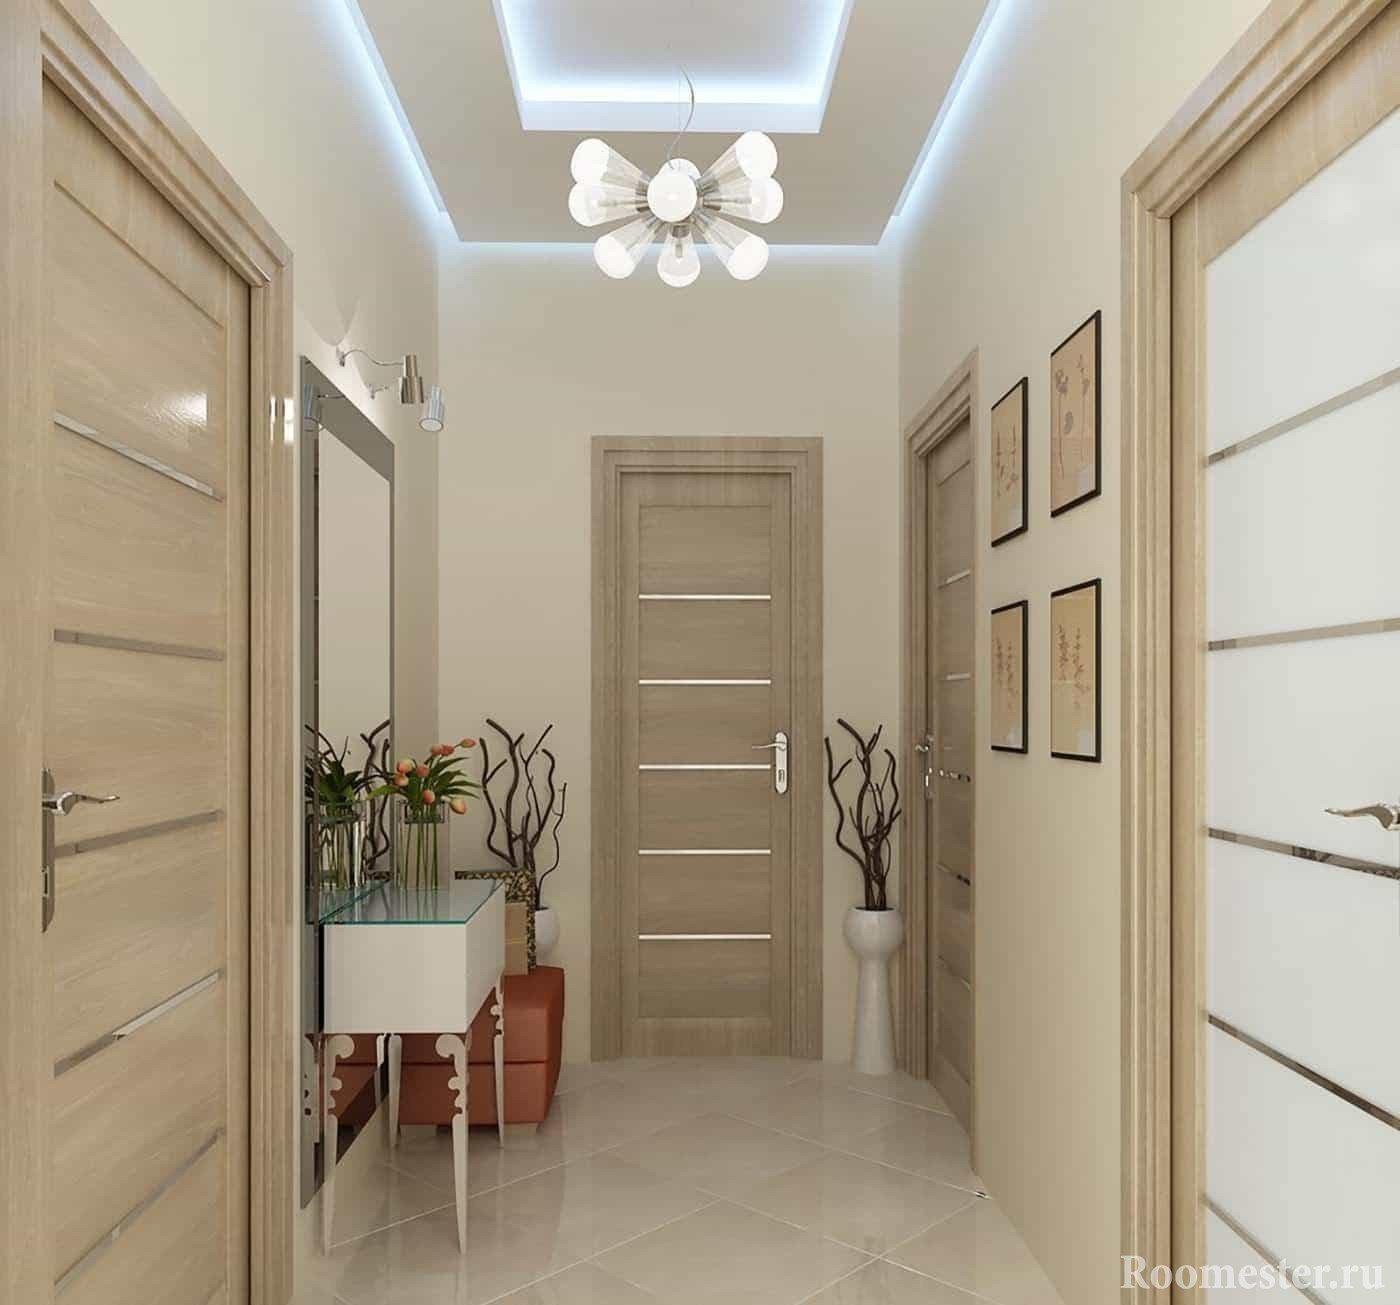 Дизайн коридора в светлых тонах в квартире